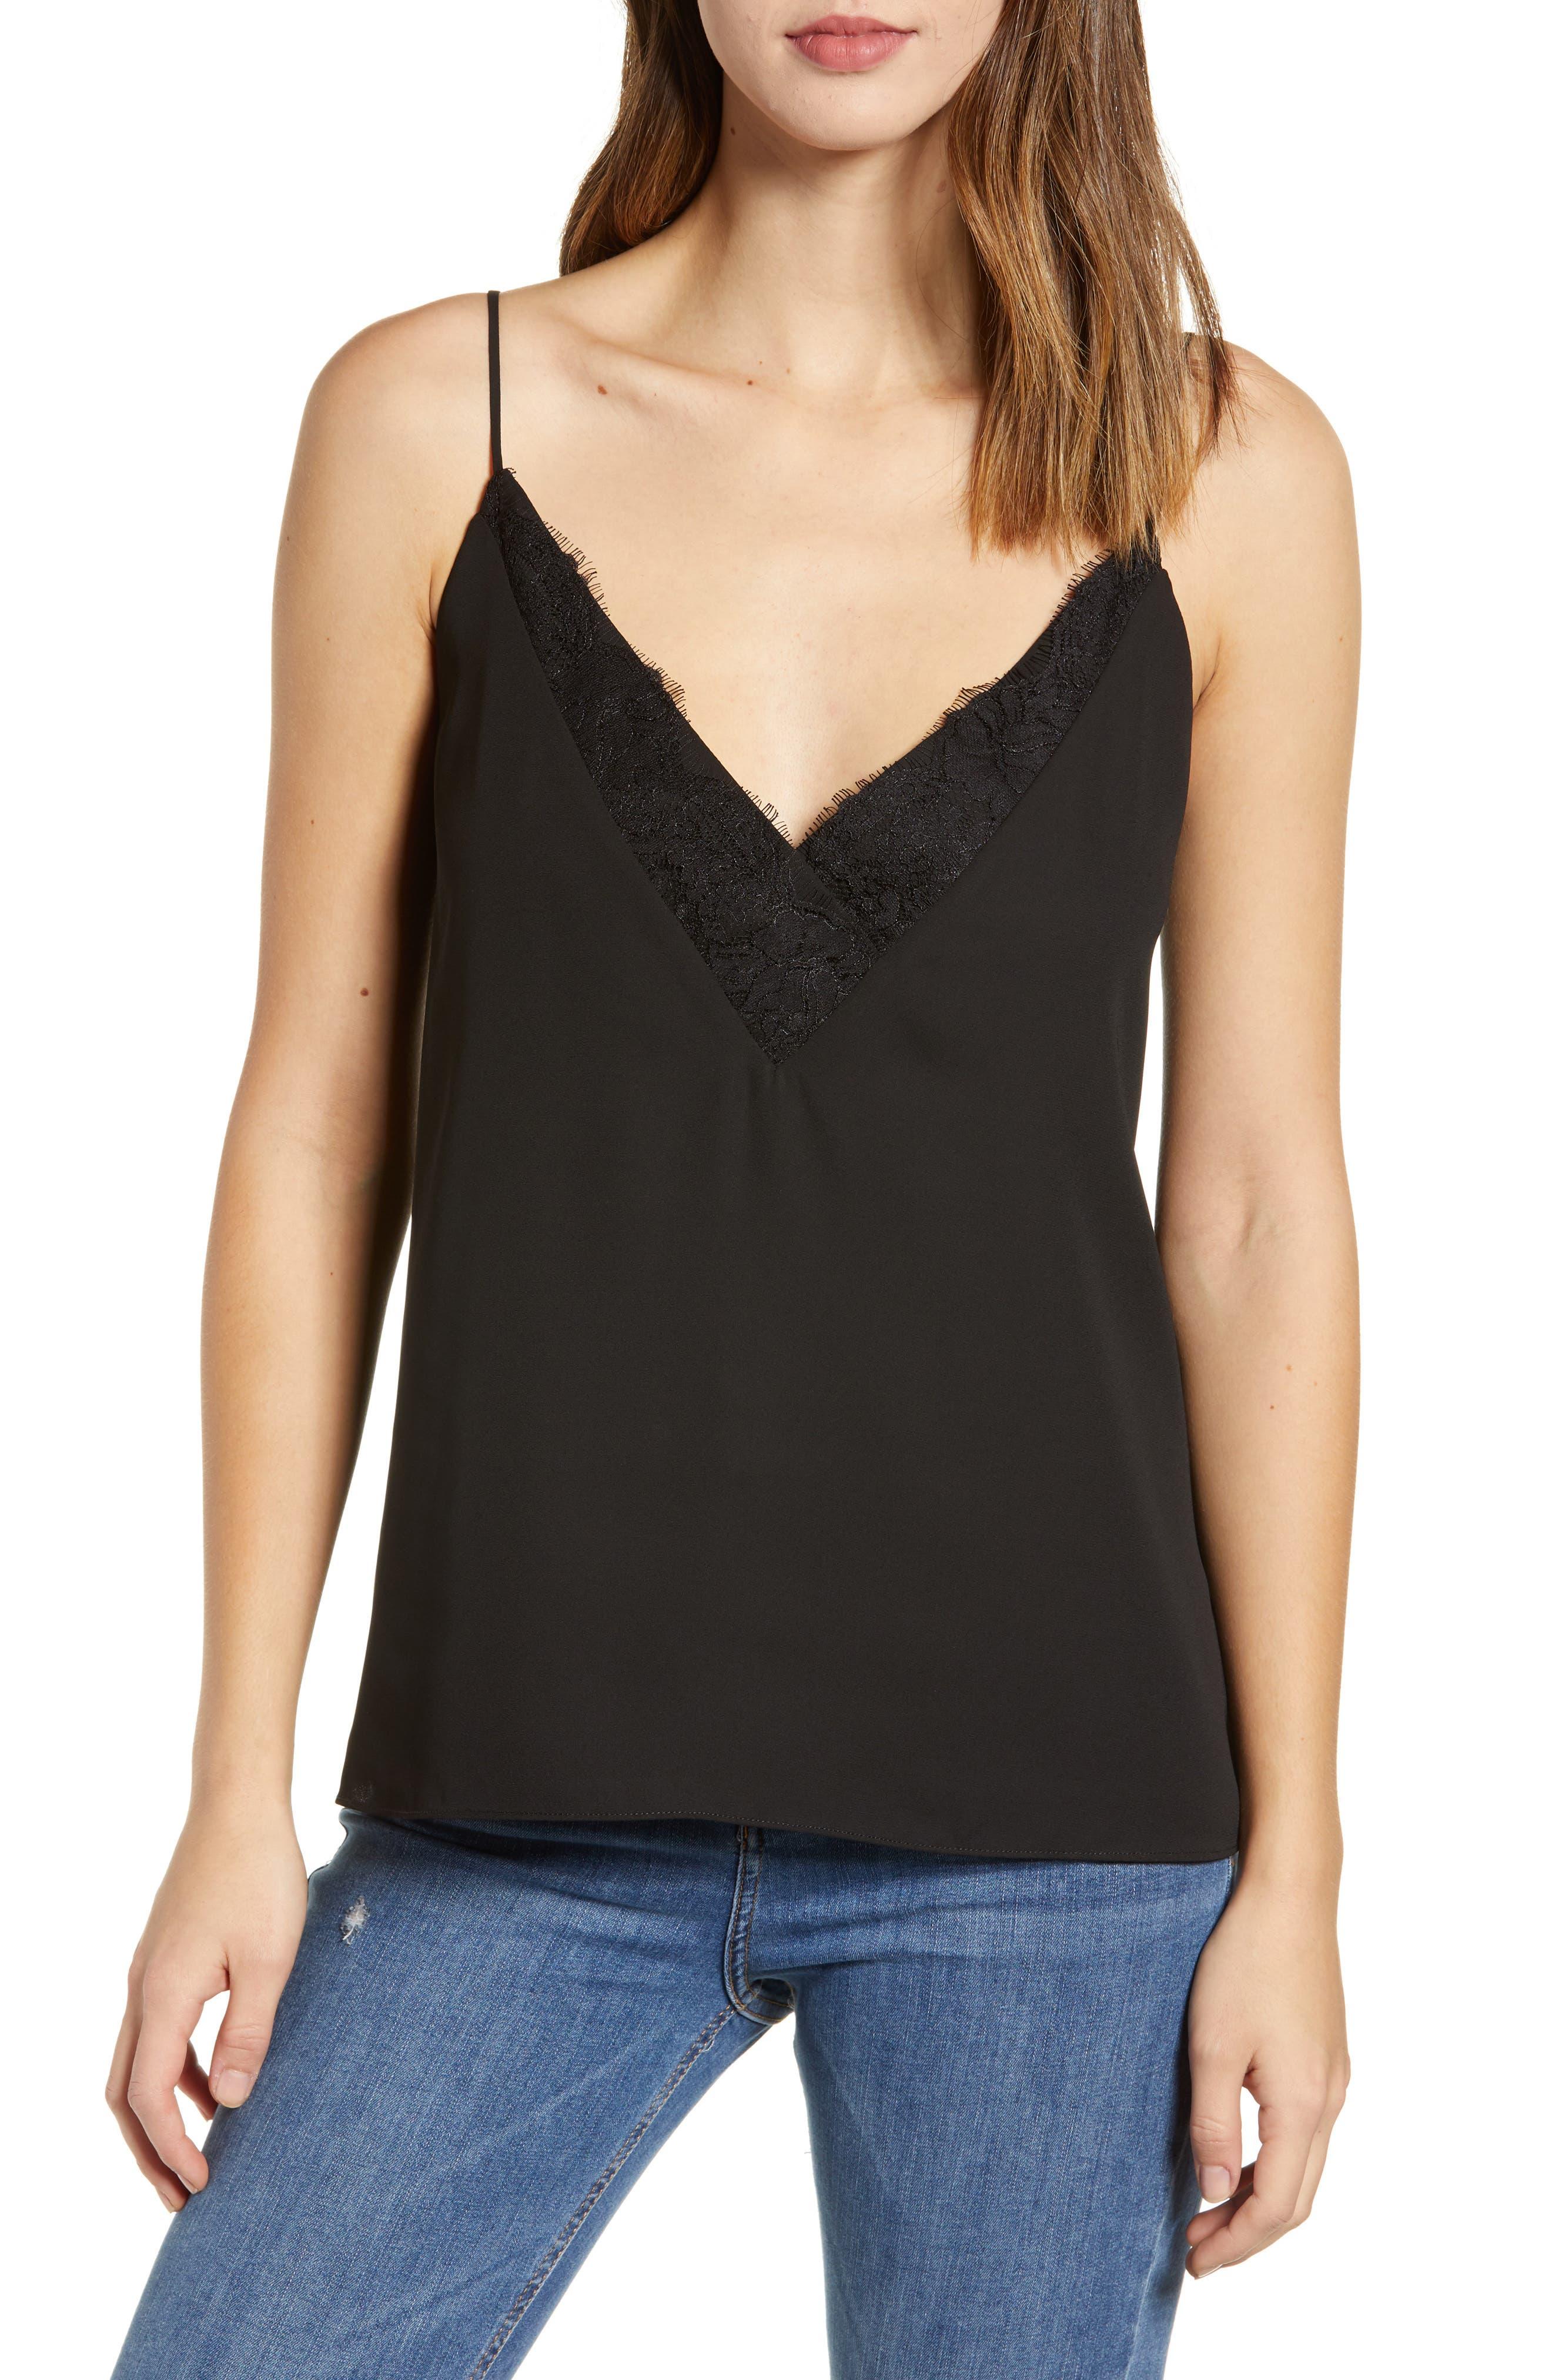 SOCIALITE Lace Trim Camisole Top, Main, color, BLACK